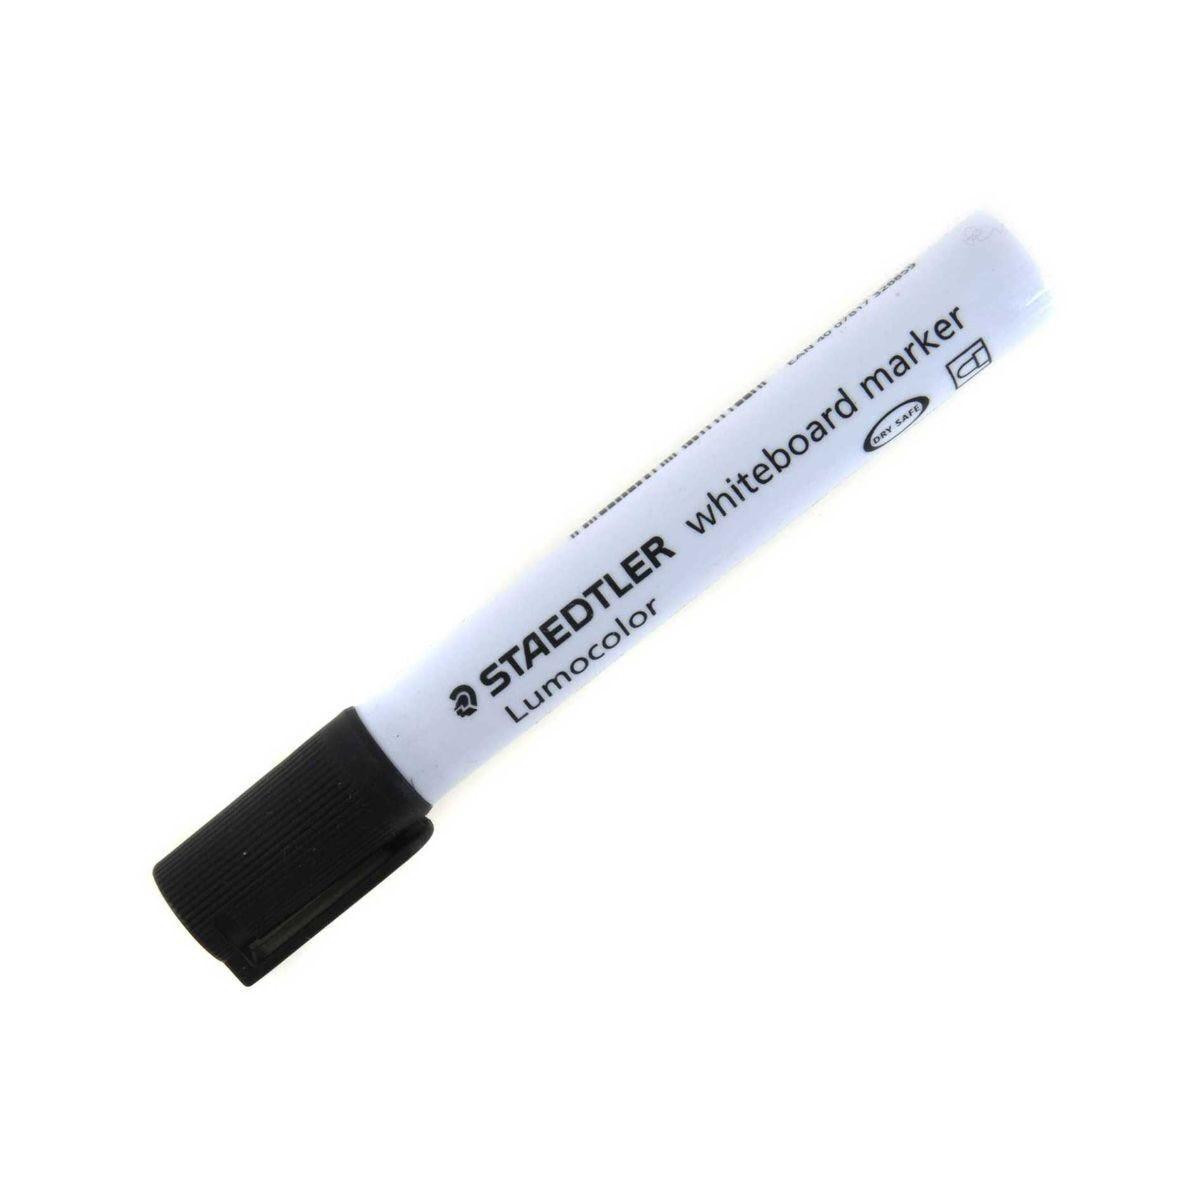 Staedtler Lumocolor 351  Whiteboard Marker Pen Bullet Tip